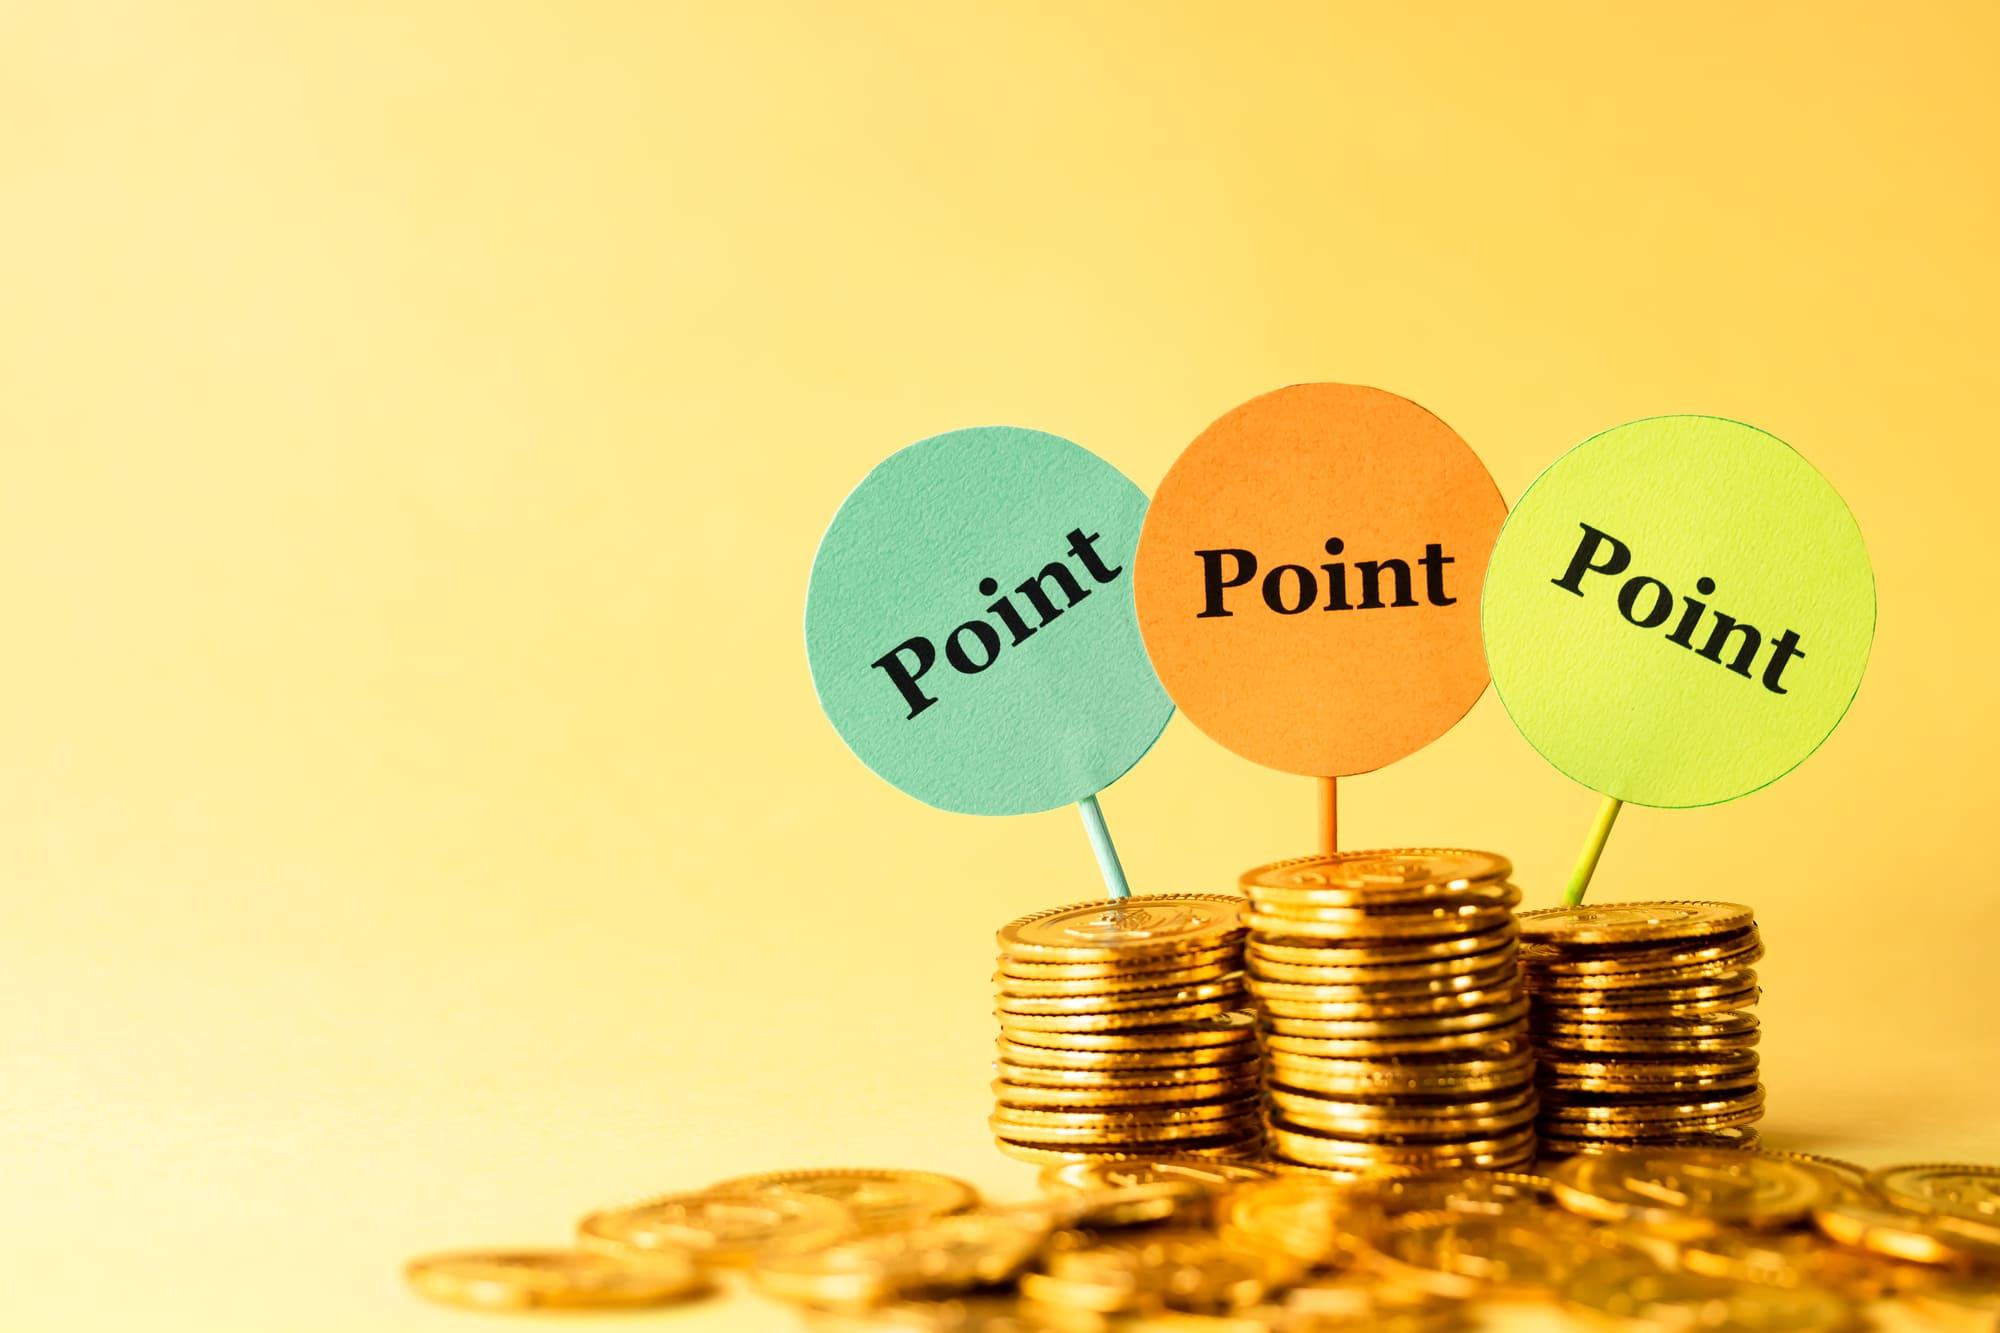 クレジットカード(法人用)ポイント還元制度を比較!12種類の法人カード紹介